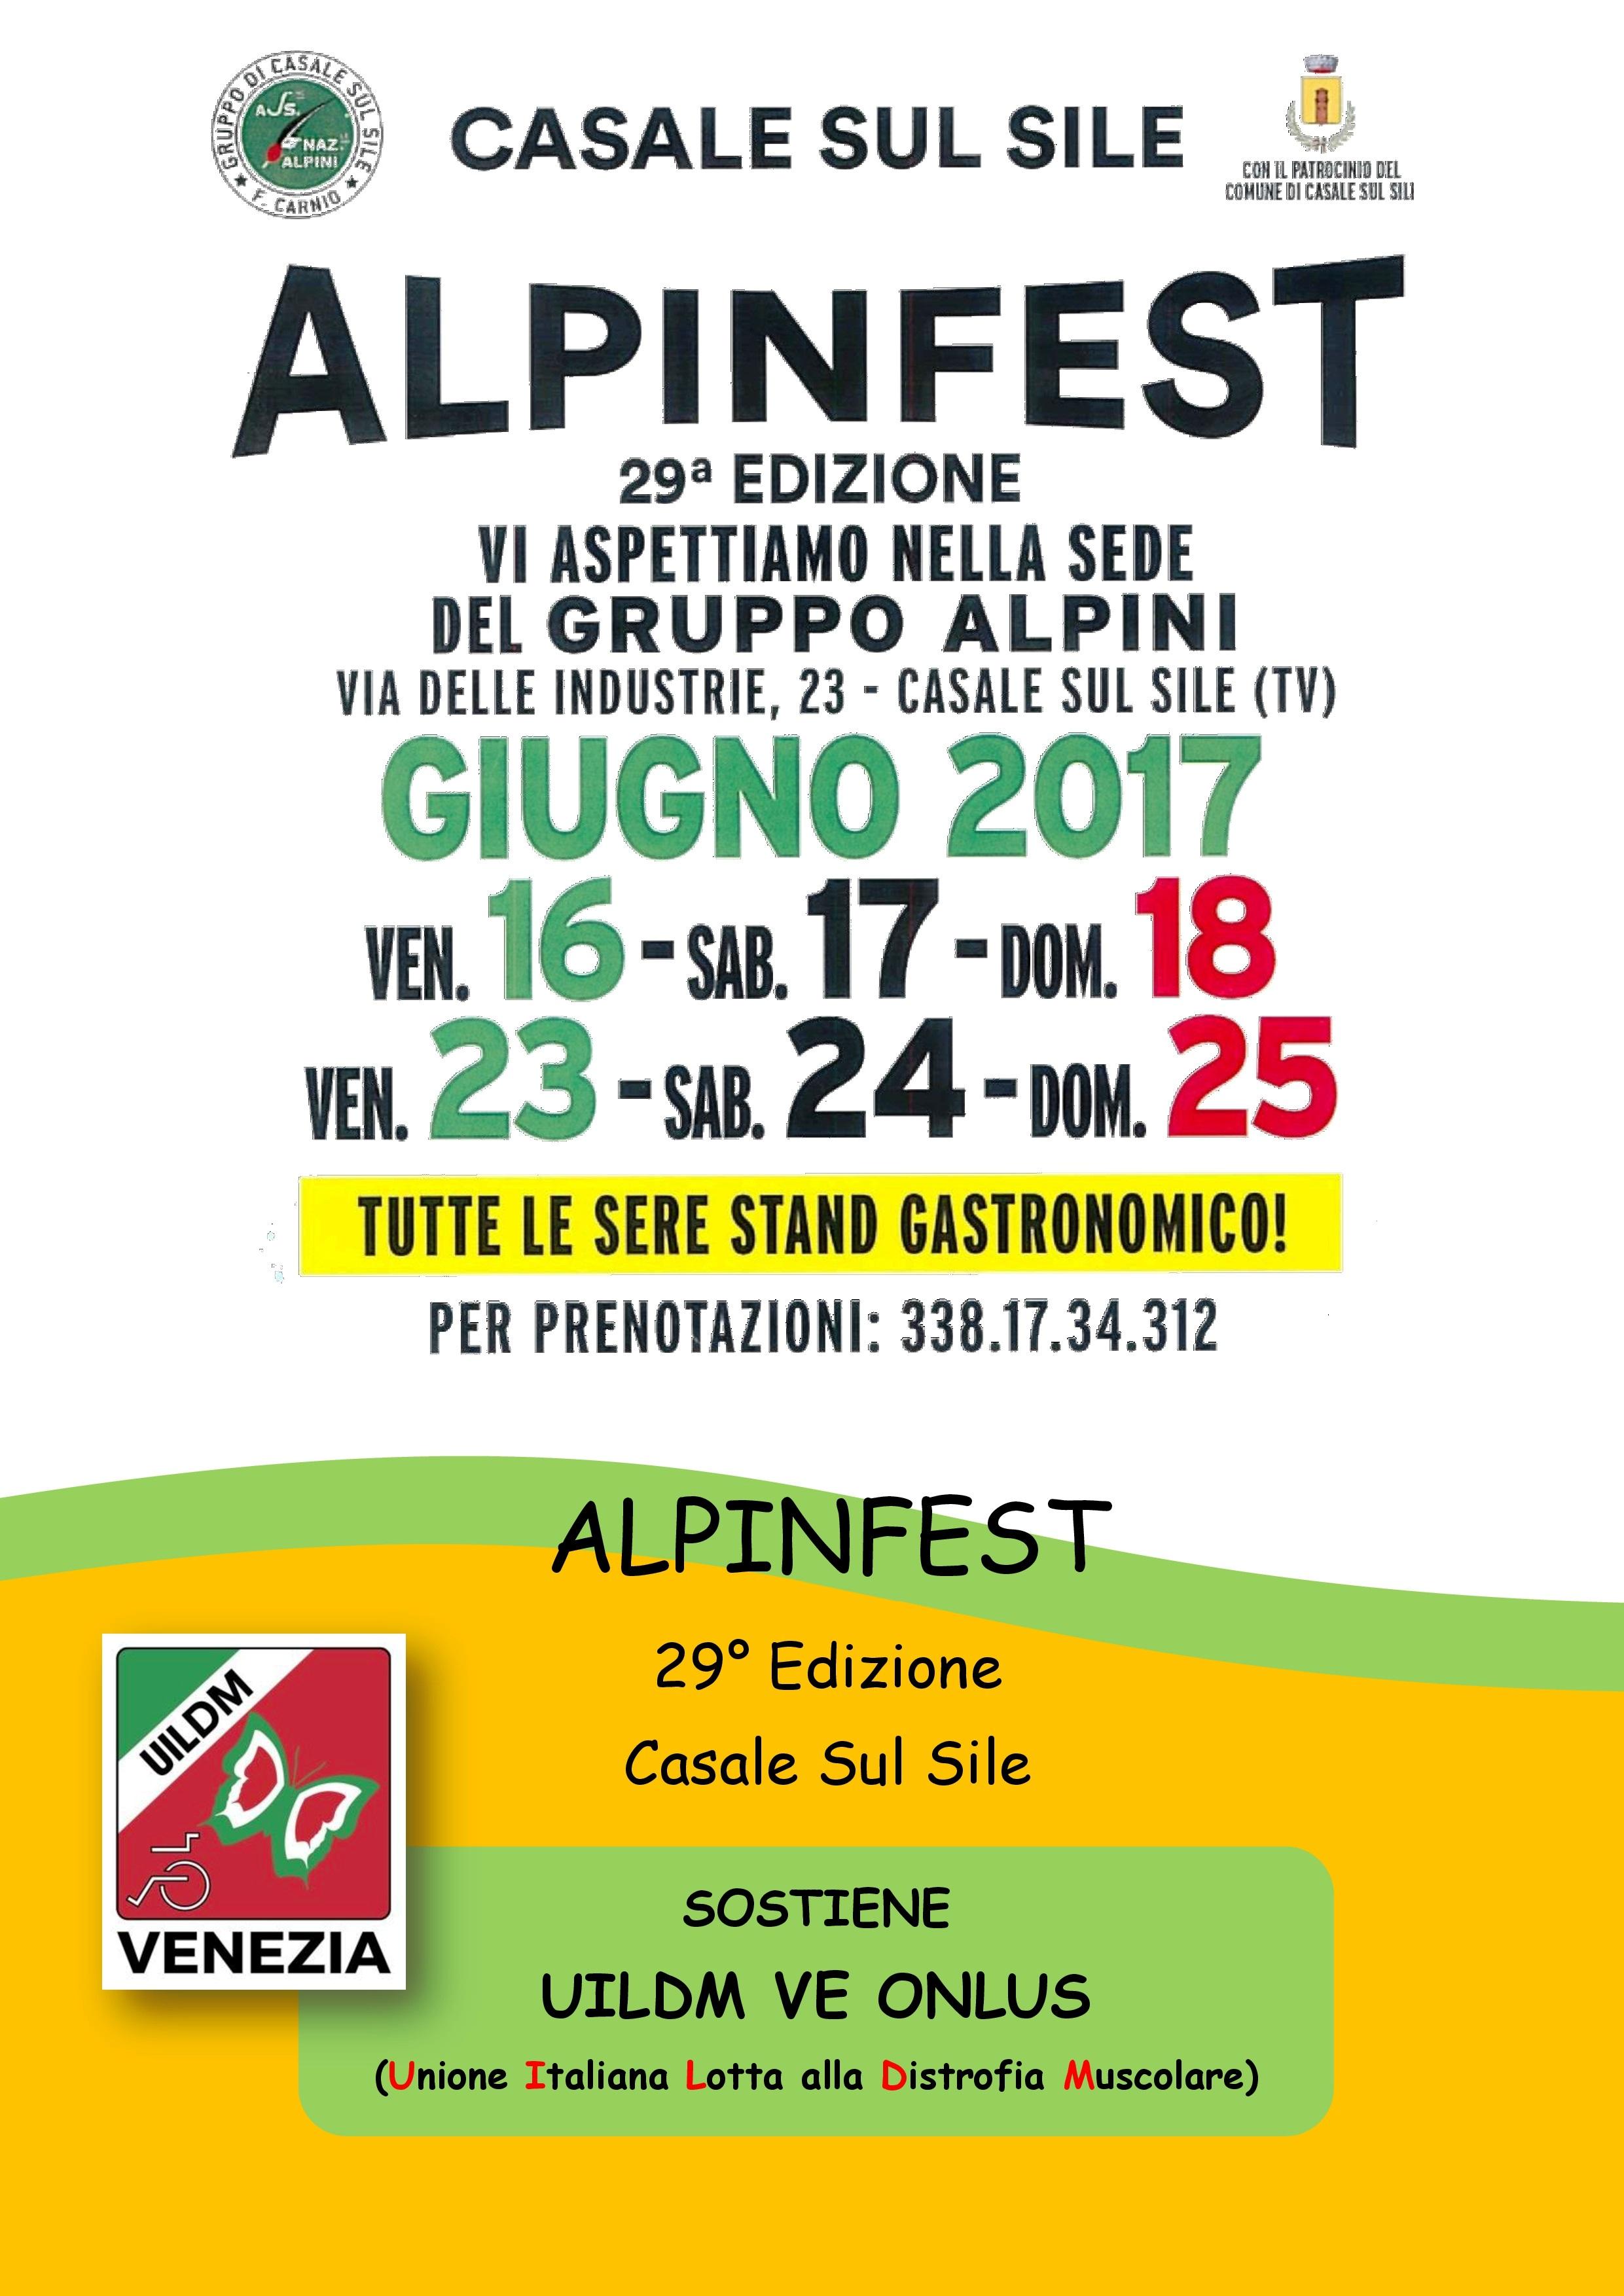 Alpinfest